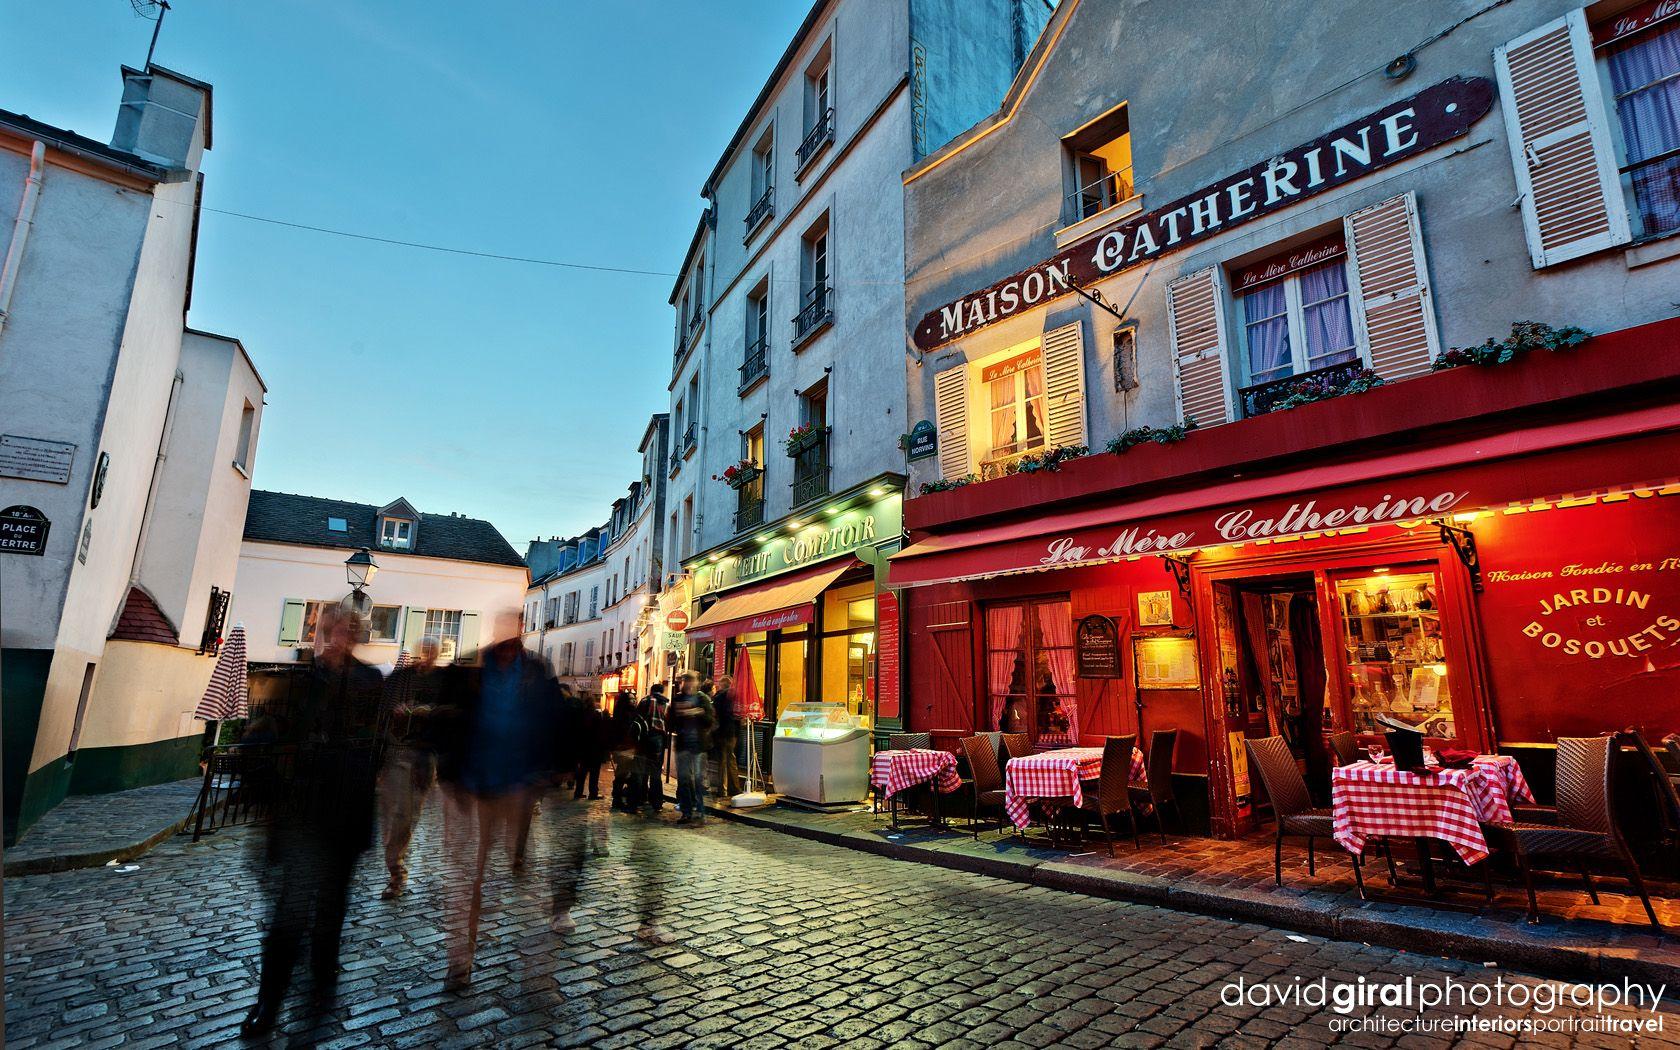 Montmartre Paris - Maison Catherine | Montmartre, Paris tout La Maison De Catherine